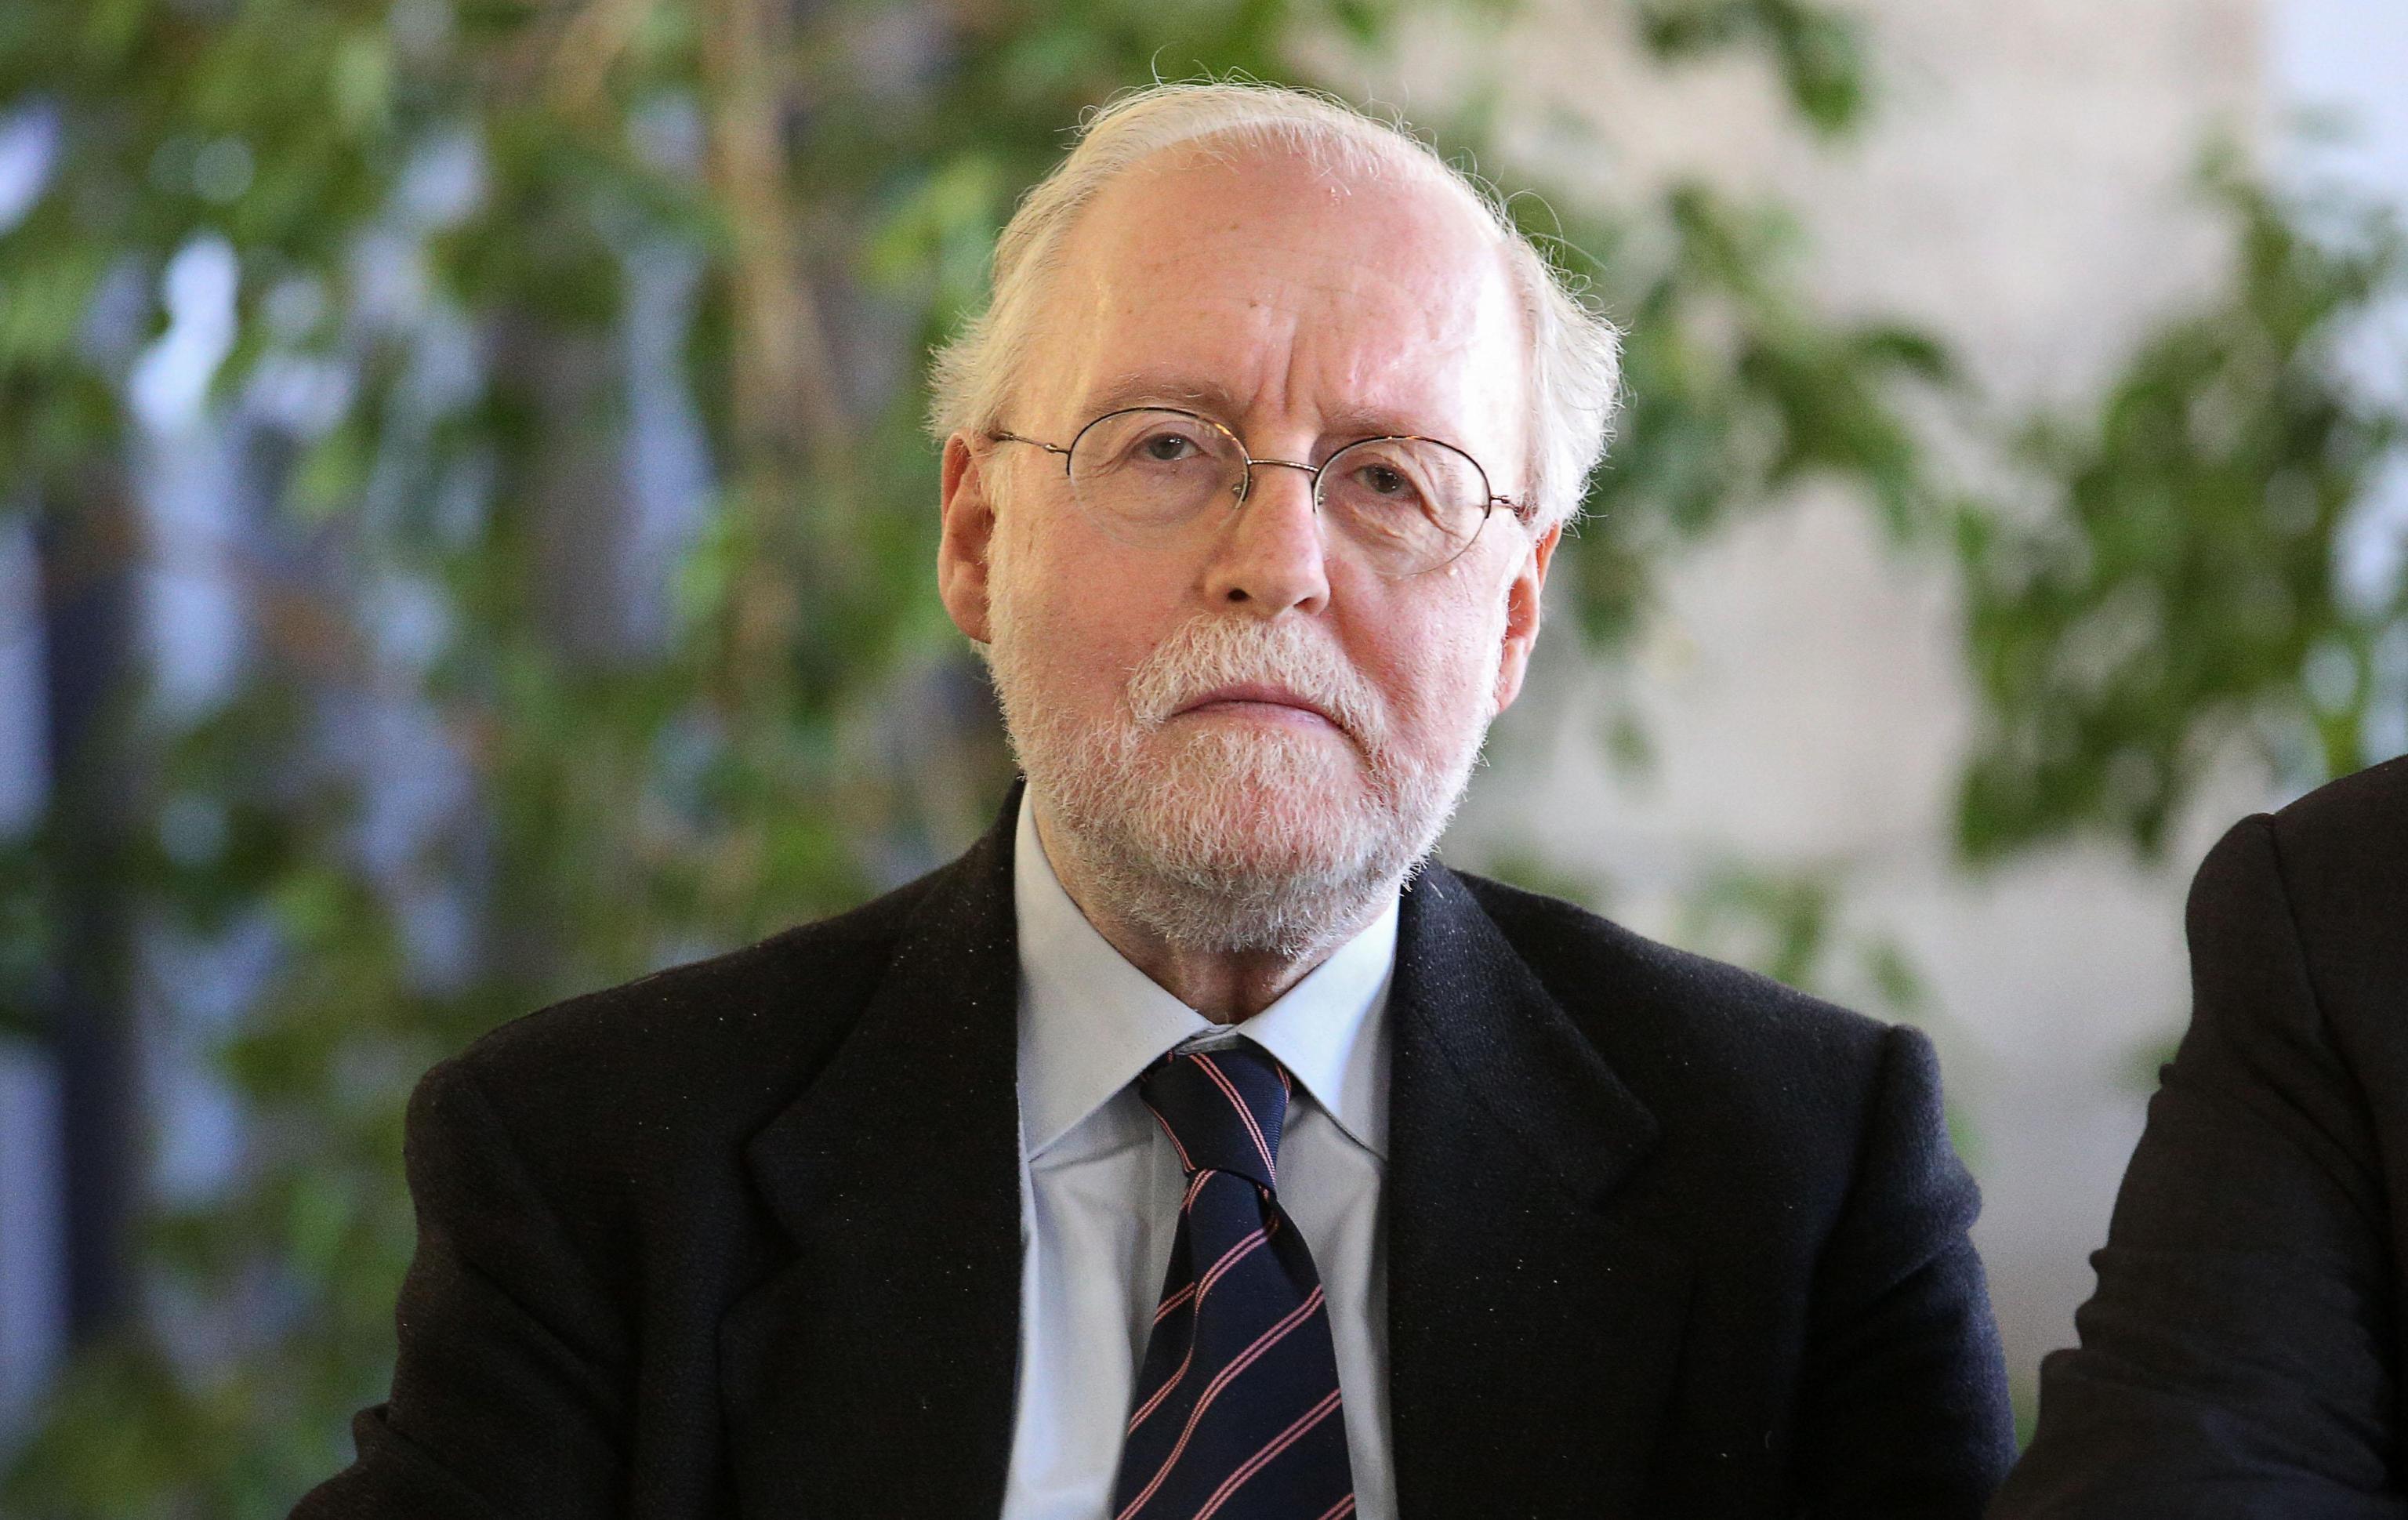 Nuovo presidente della consulta il pattese gaetano for Nuovo parlamento siciliano